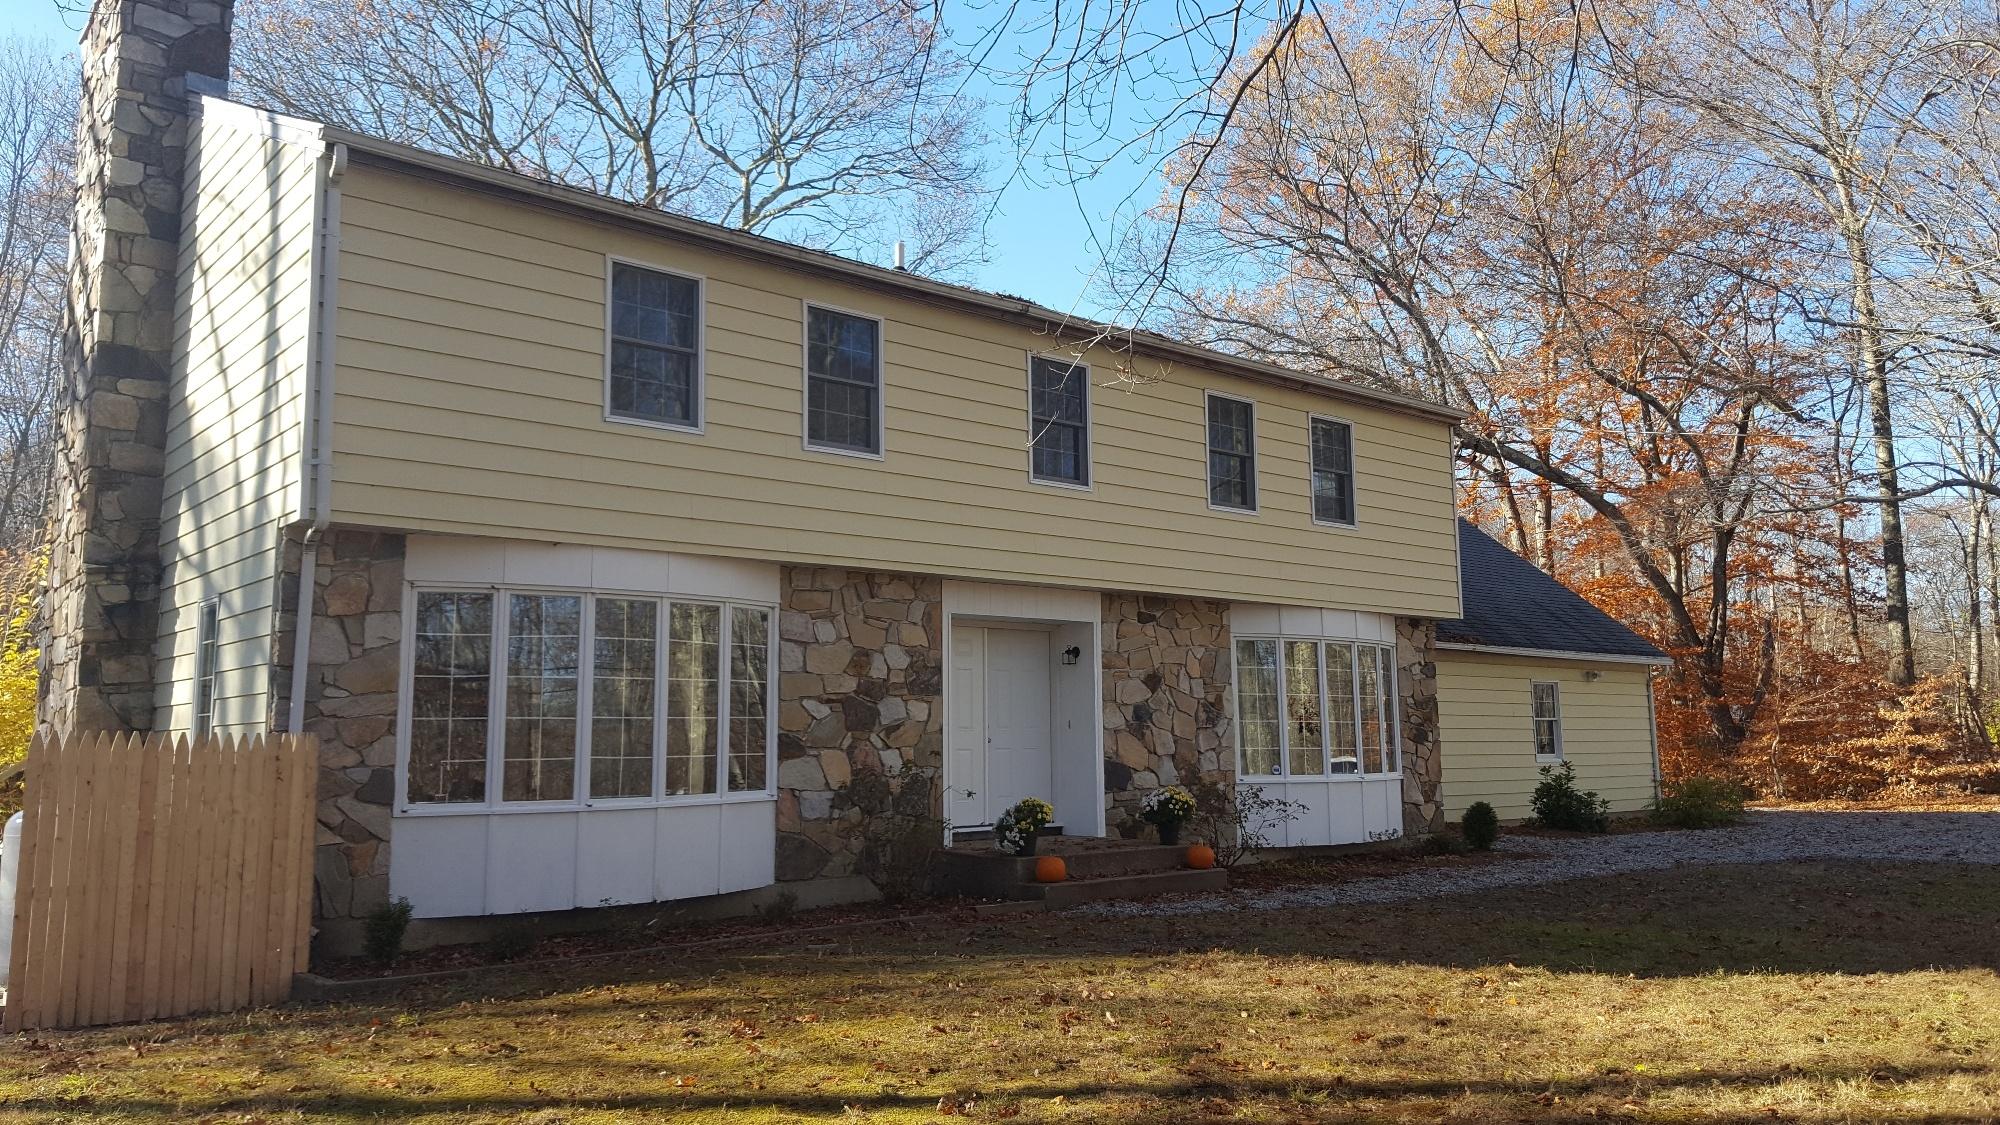 Maison unifamiliale pour l Vente à 123 Iron Works Rd Killingworth, Connecticut, 06419 États-Unis